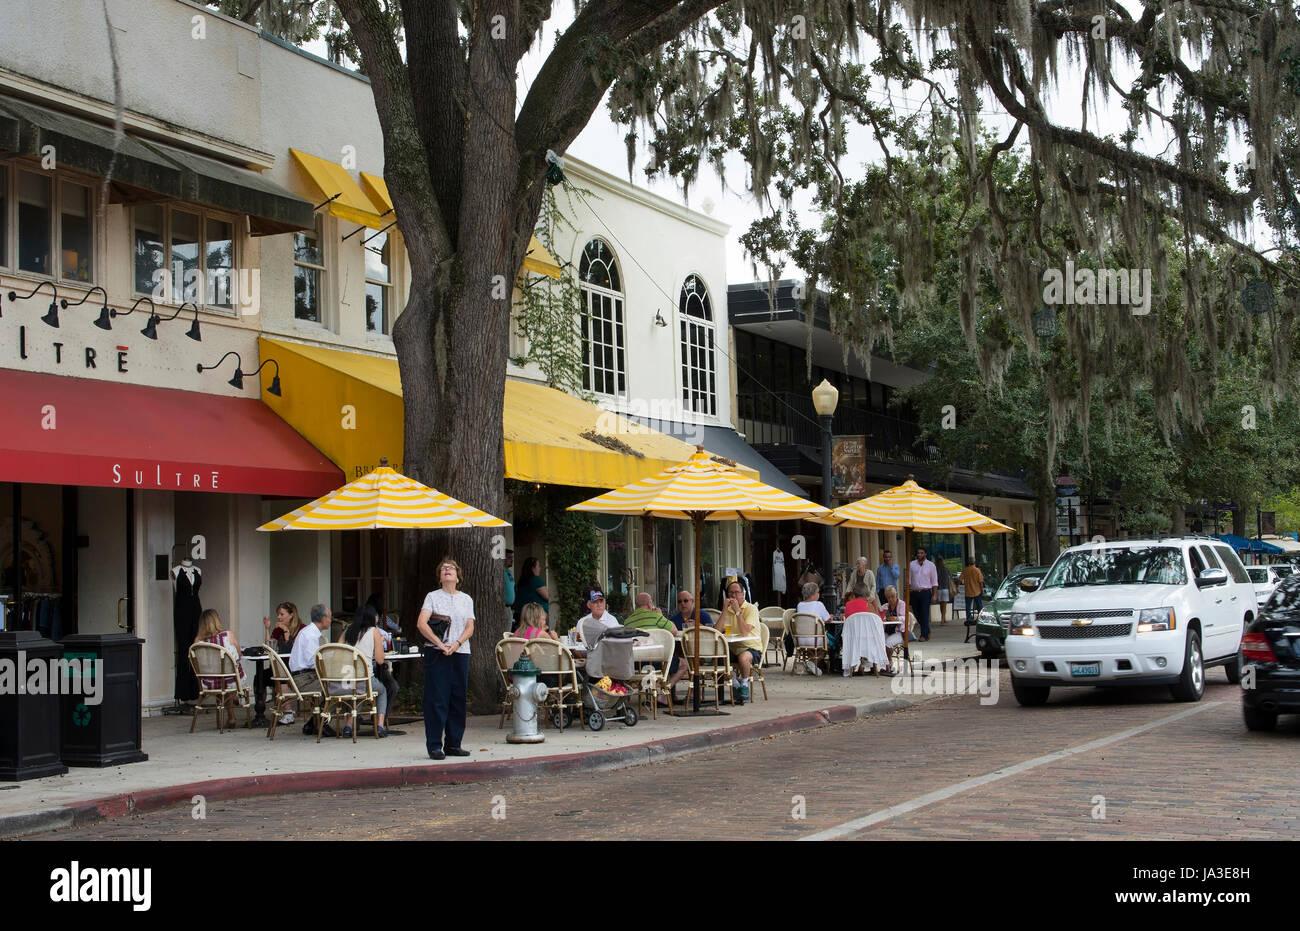 Winter Park Florida Park Avenue traffico e negozi ristoranti e caffetterie in esclusiva shopping di lusso Foto Stock